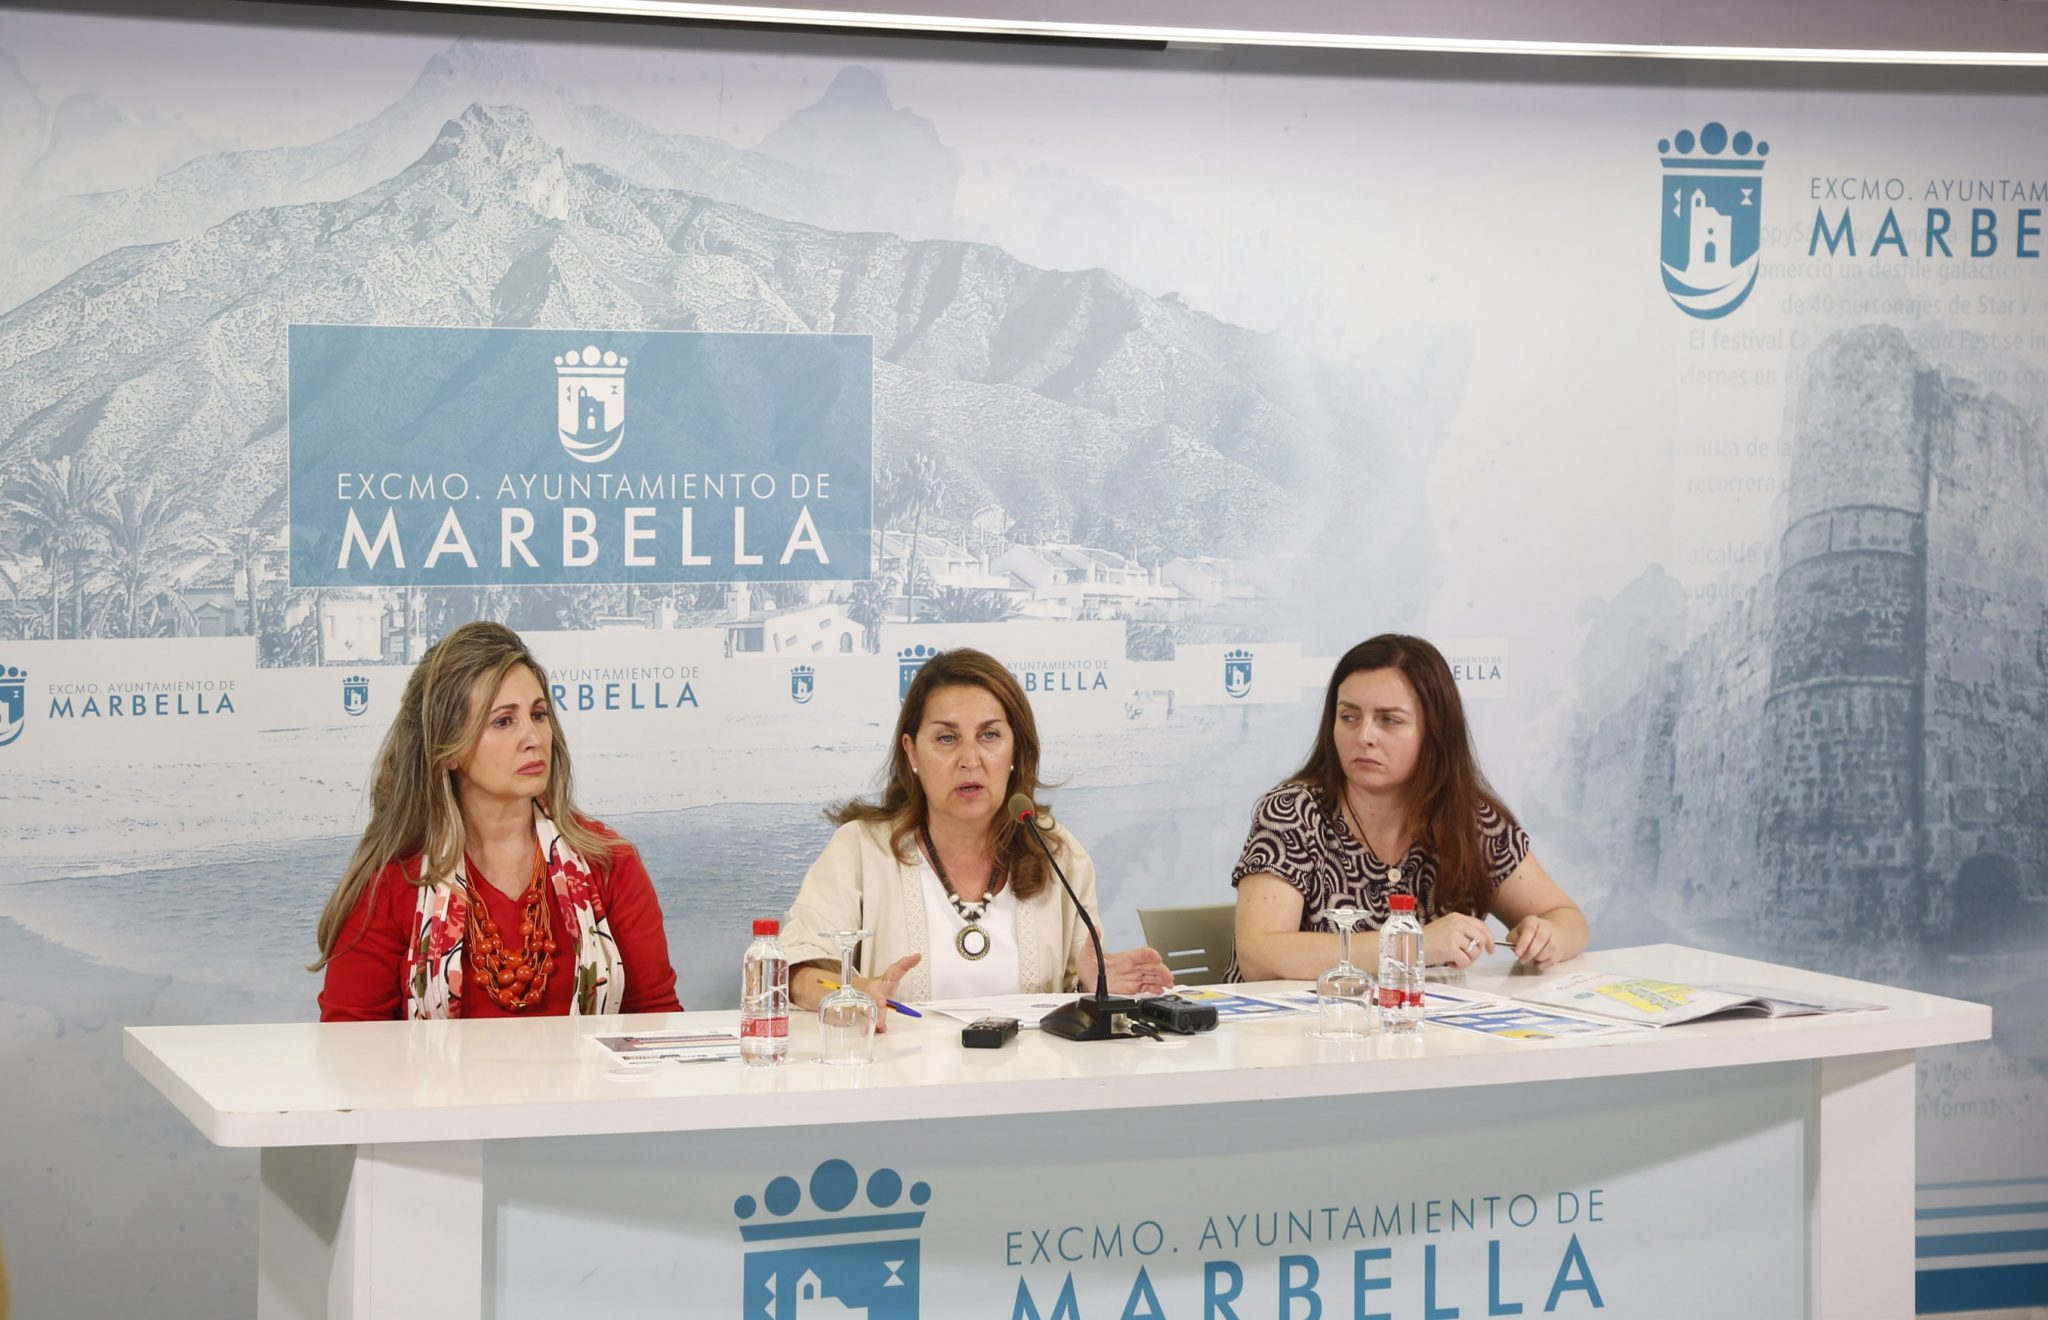 La Feria de Día y el Recinto Ferial ofrecerán puntos de apoyo en caso de agresión sexista